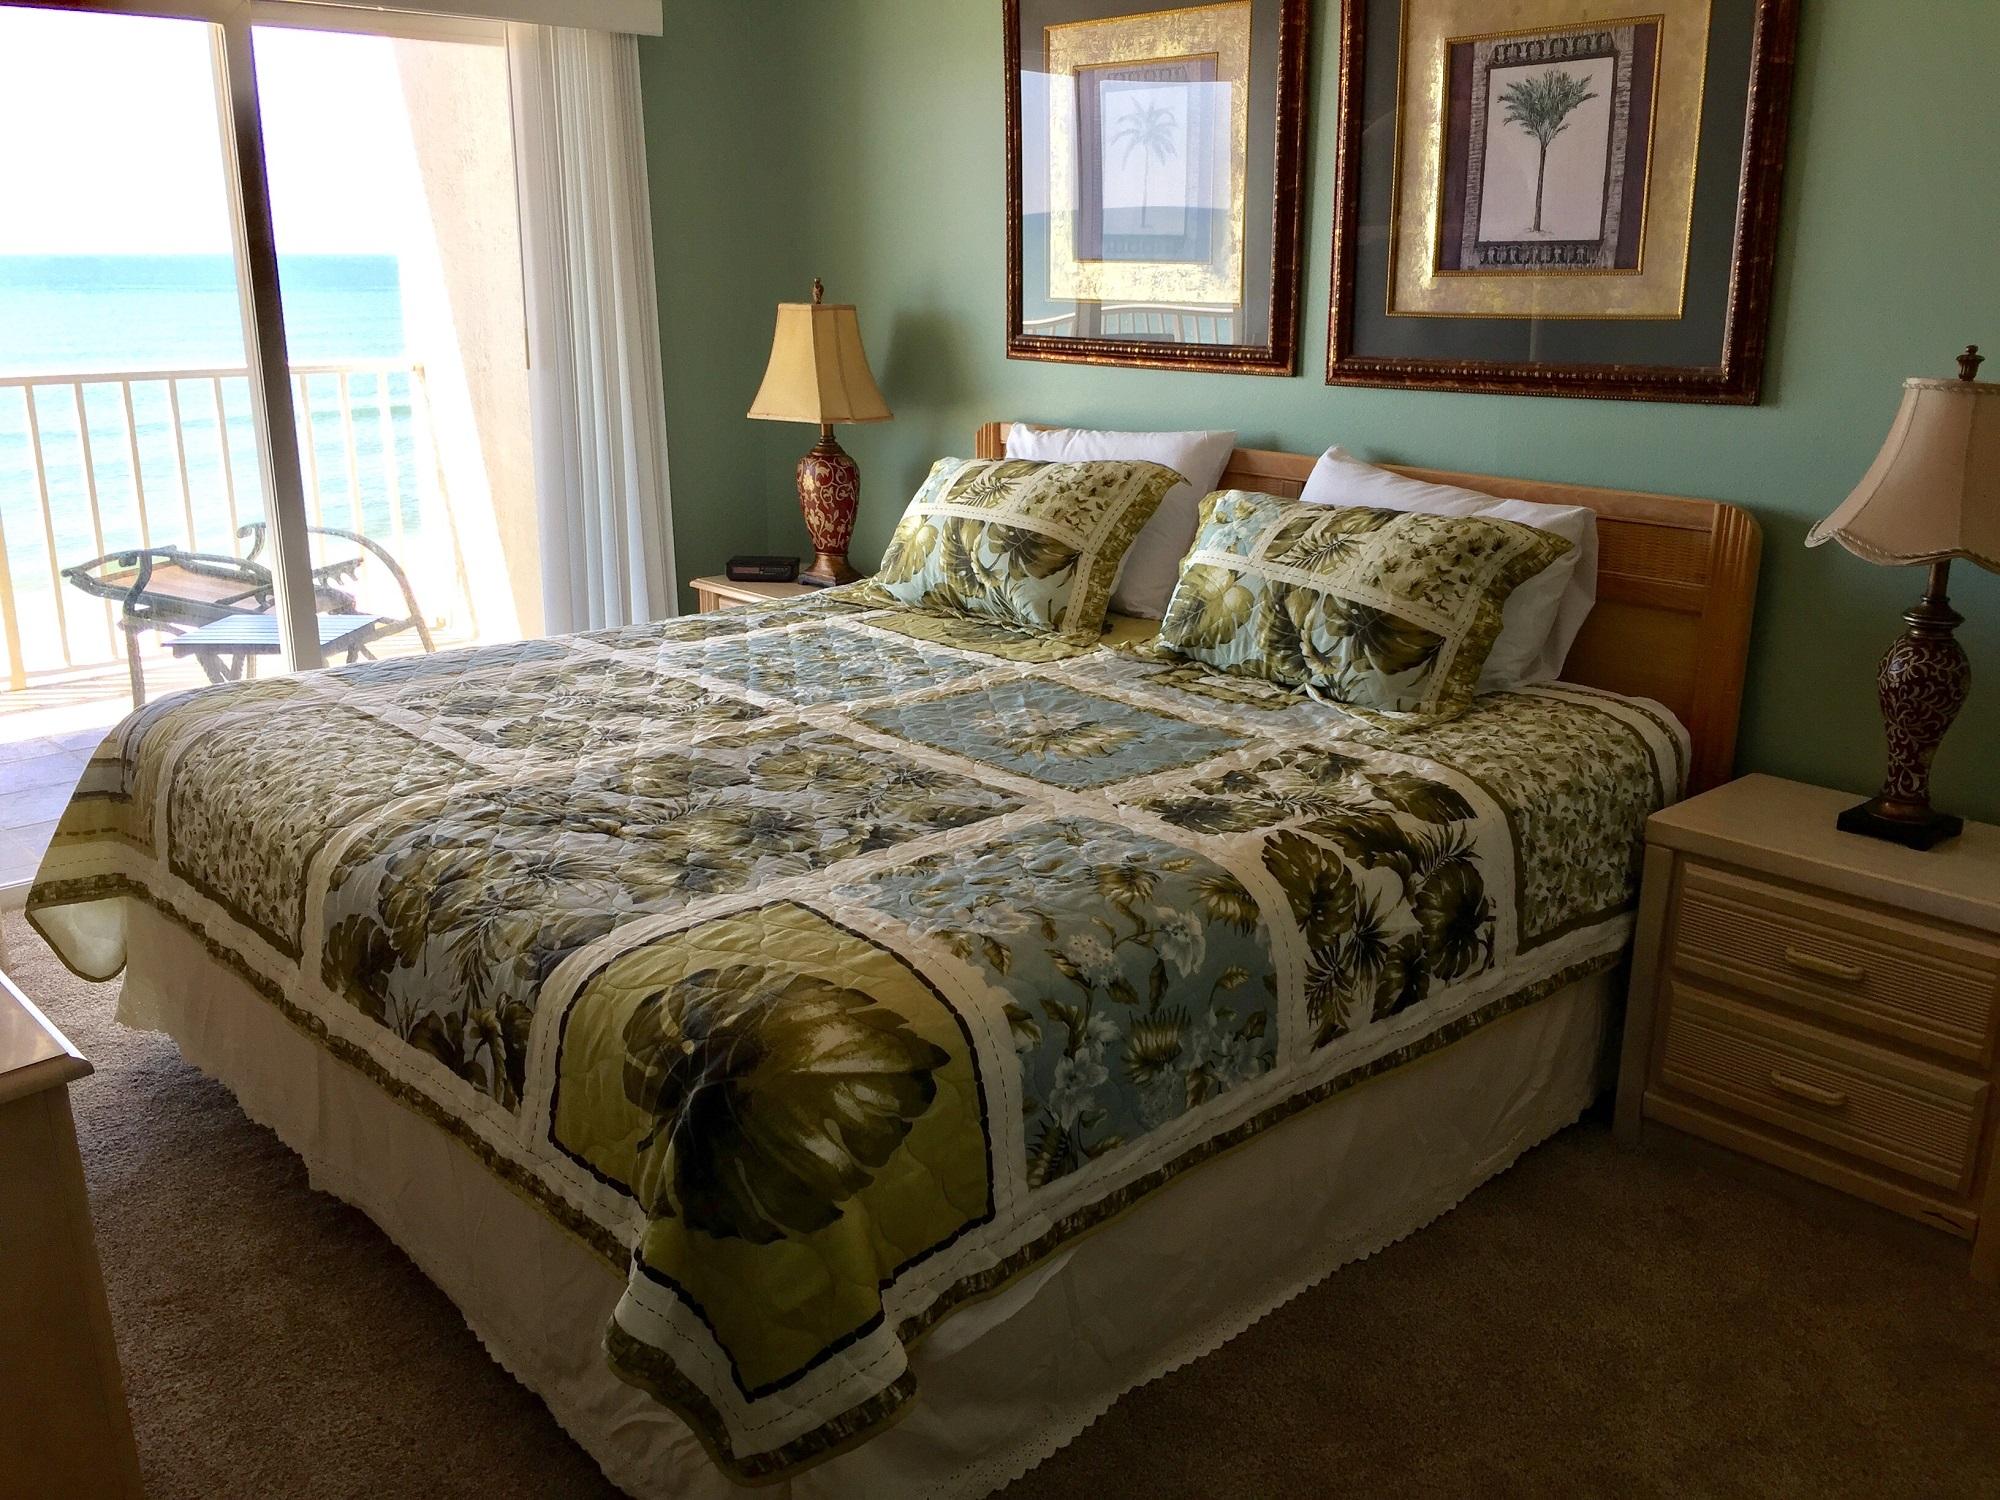 Ocean House 2702 Condo rental in Ocean House - Gulf Shores in Gulf Shores Alabama - #14